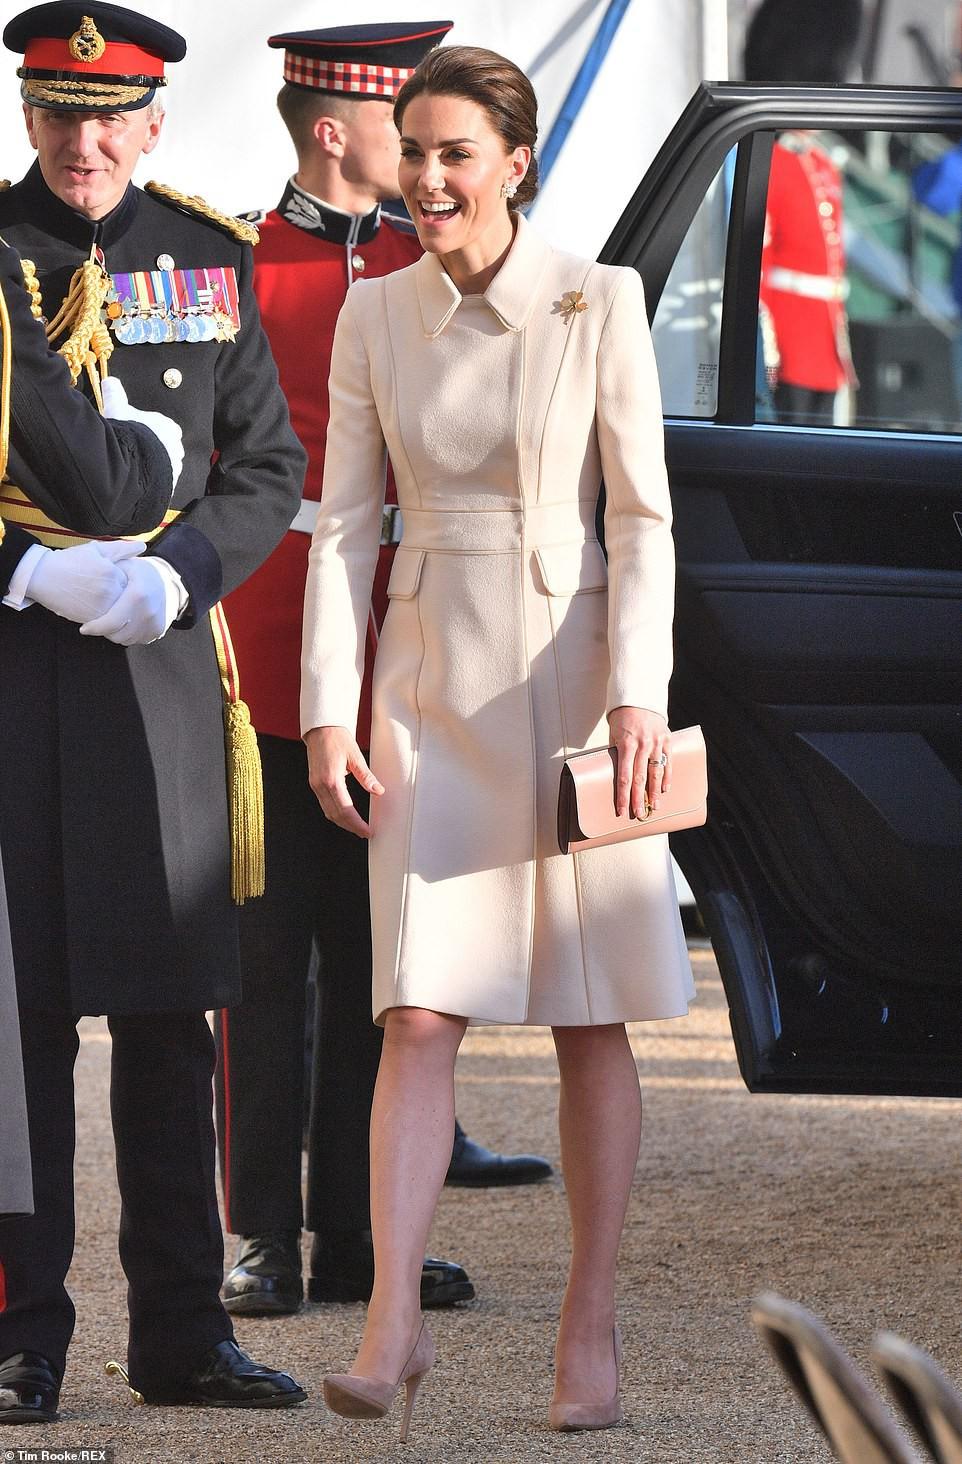 Tái xuất với vẻ ngoài khác thường không nhận ra, Công nương Kate bất ngờ dính nghi án thẩm mỹ ở điểm này-1